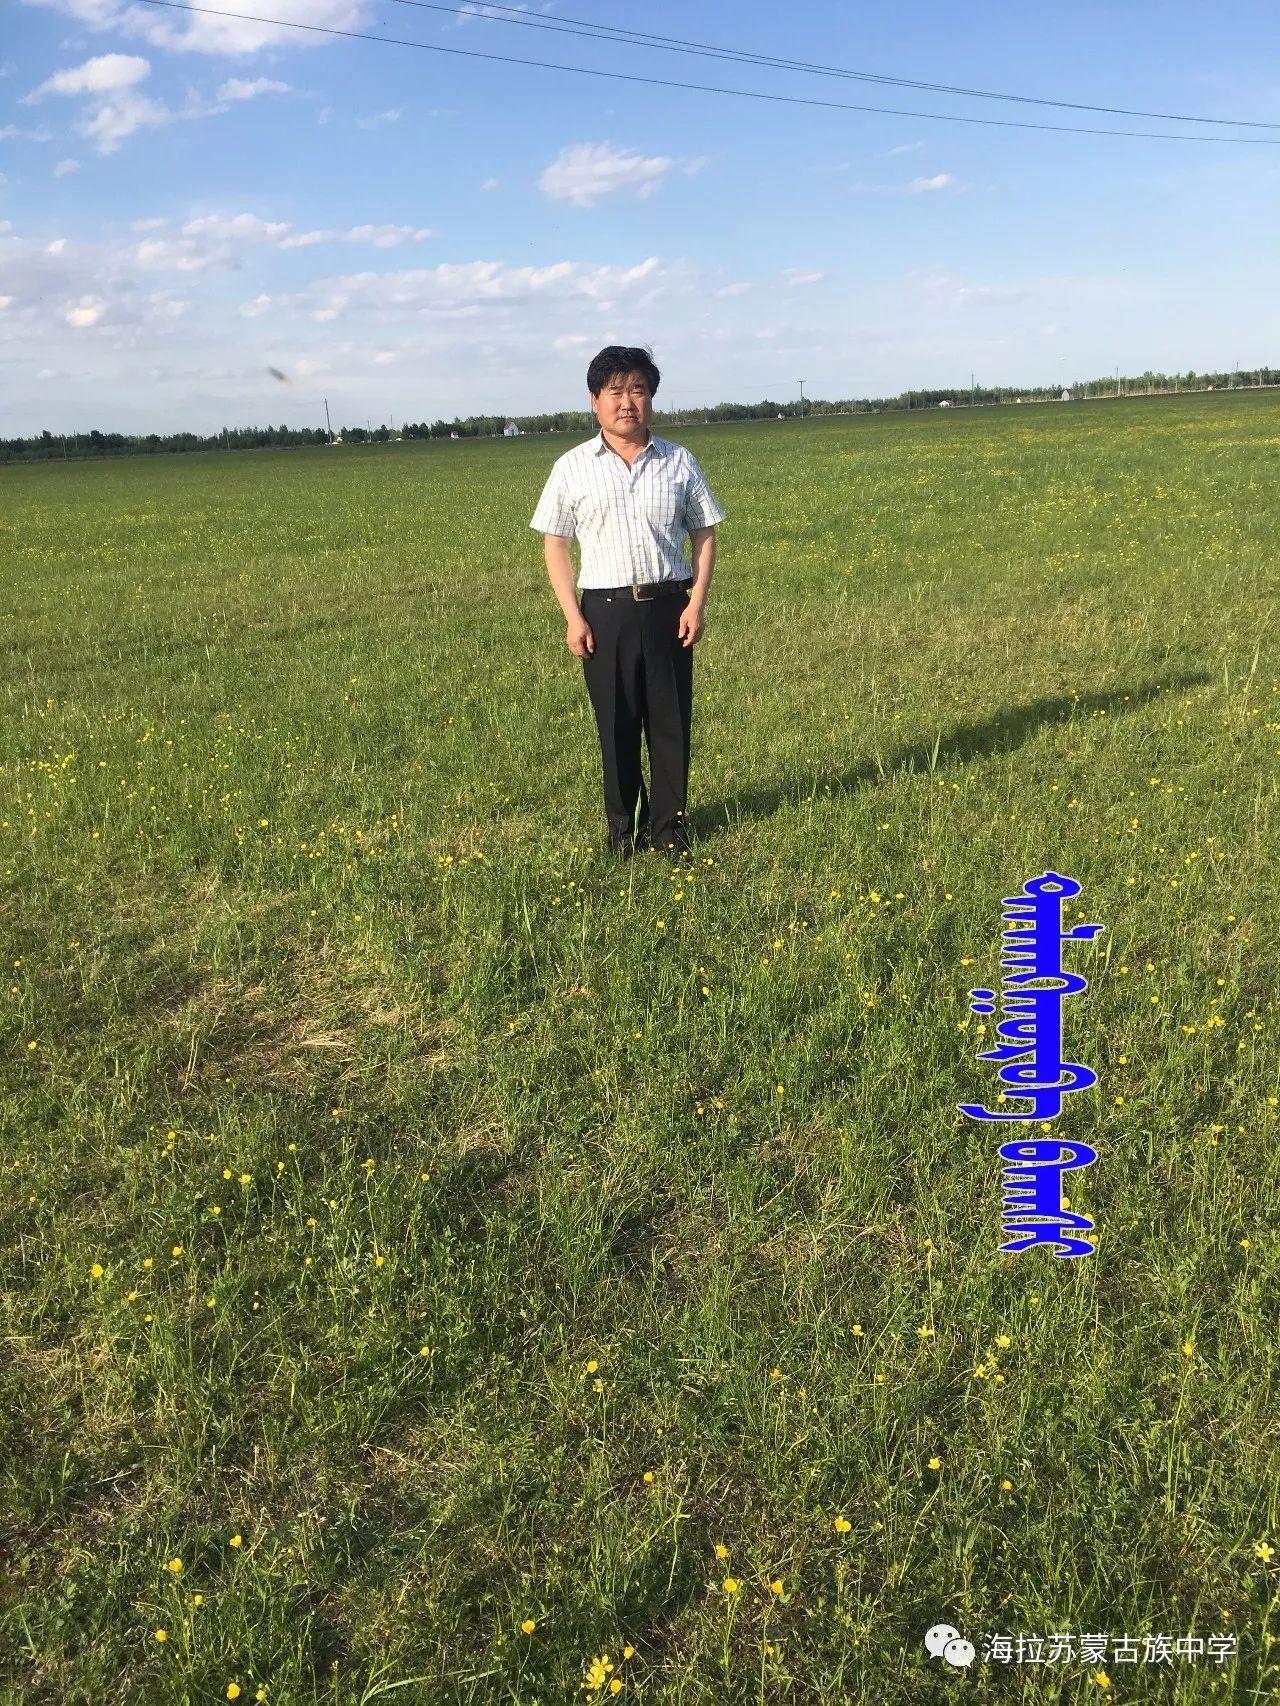 【奥奇】蒙古文书法网络展 第6张